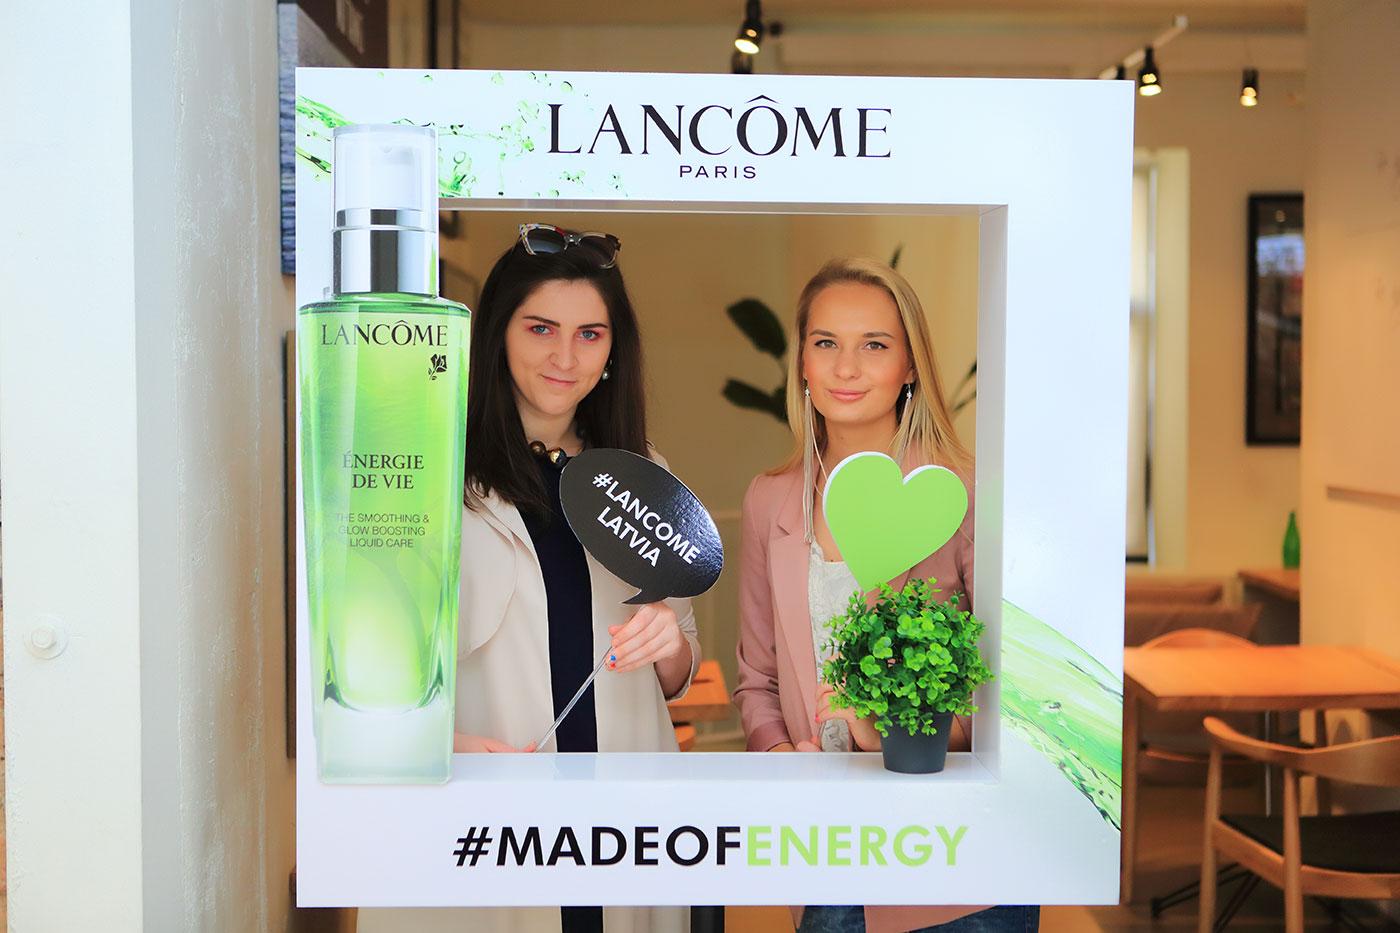 Lancome Energie de vie blogger event